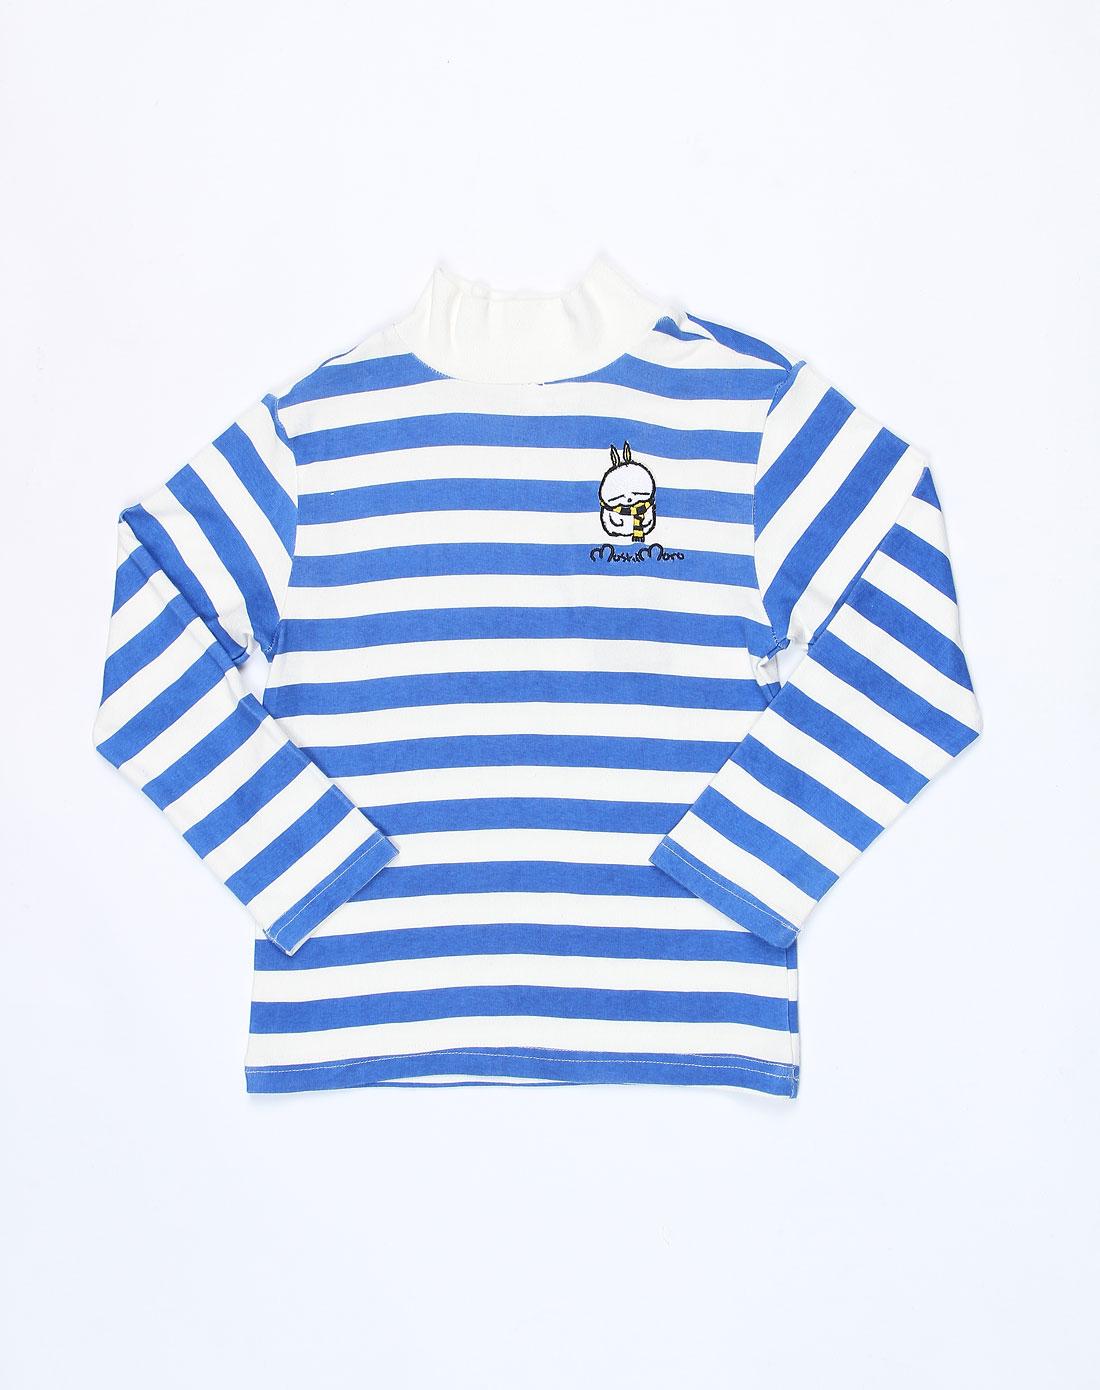 麻希玛柔moshimoro男女童混合专场-男童白底蓝色横间长袖针织衫